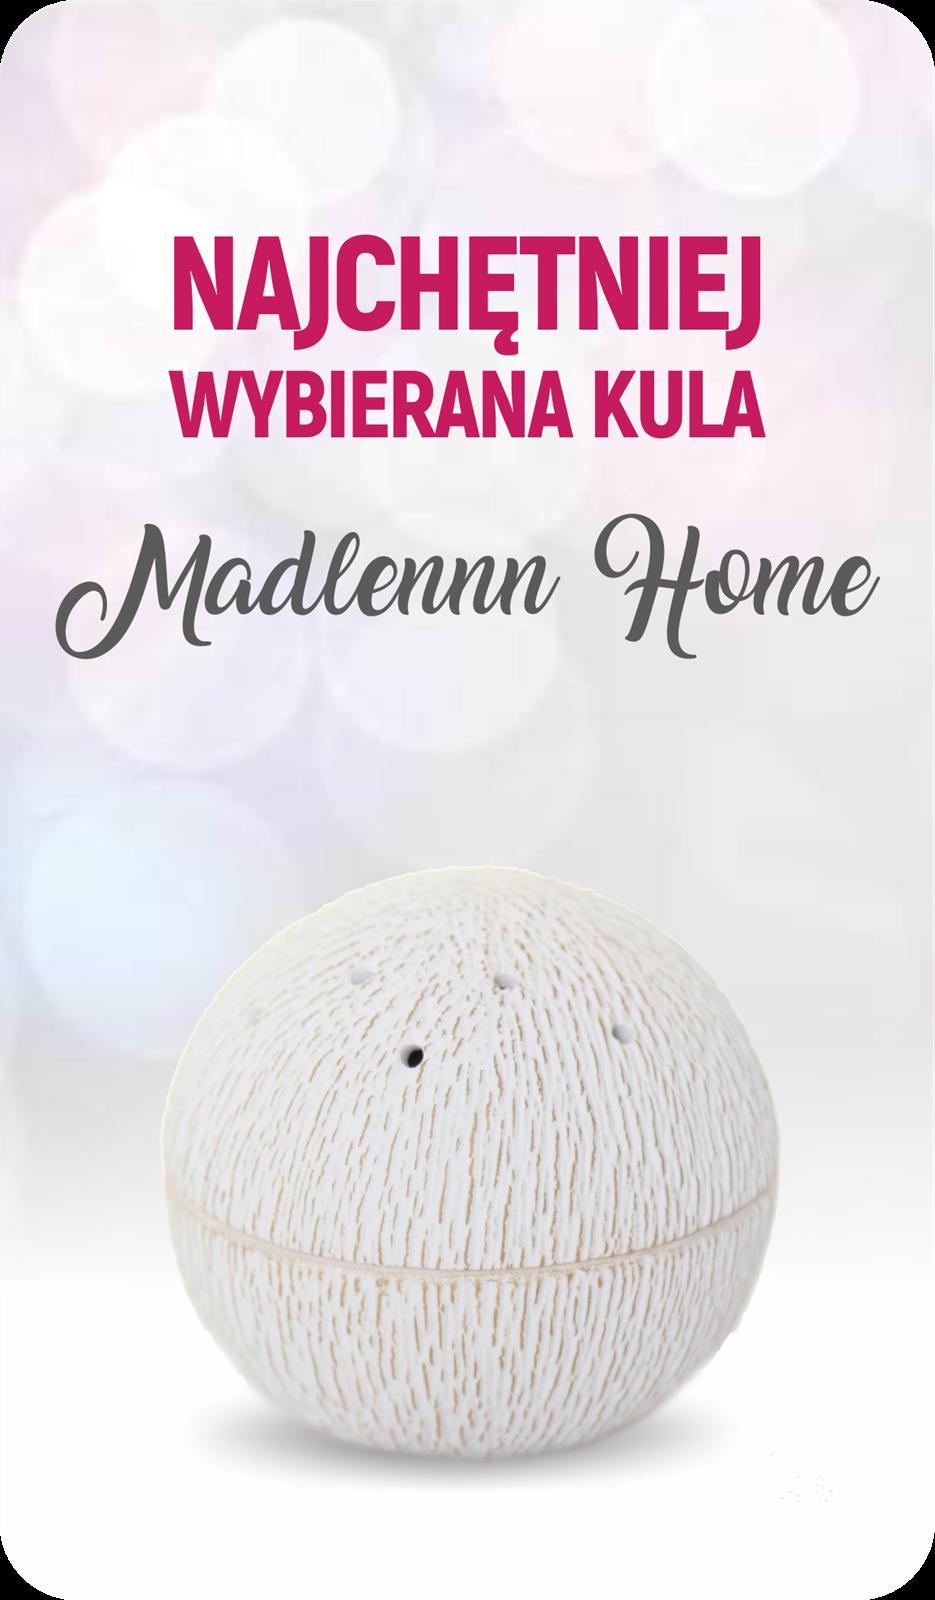 Najchętniej wybierana kula Madlennn Home